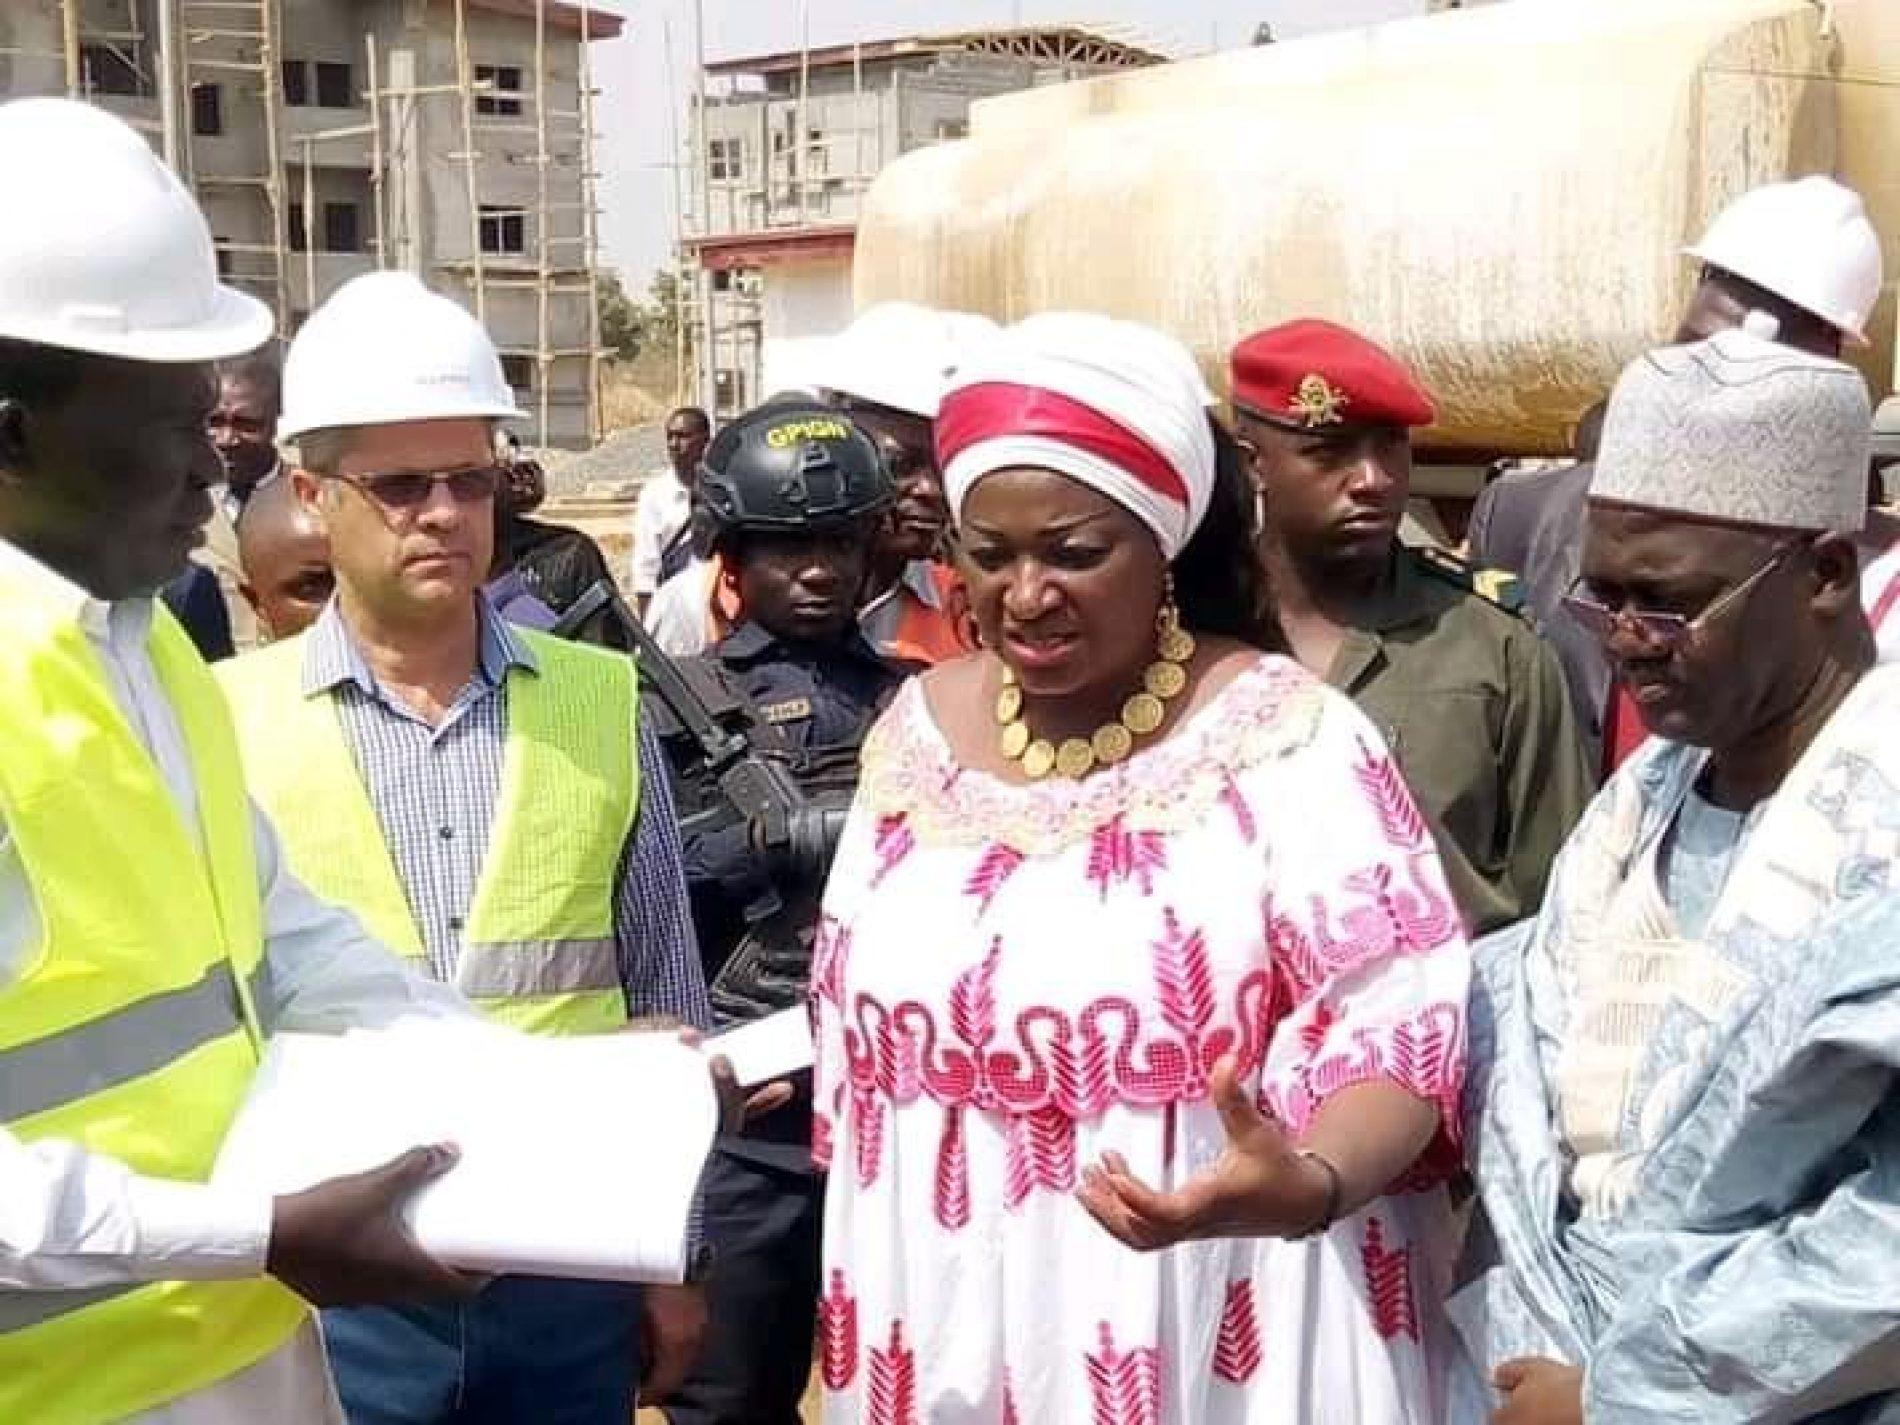 Aménagement urbain : Le MINHDU prends la température à Garoua